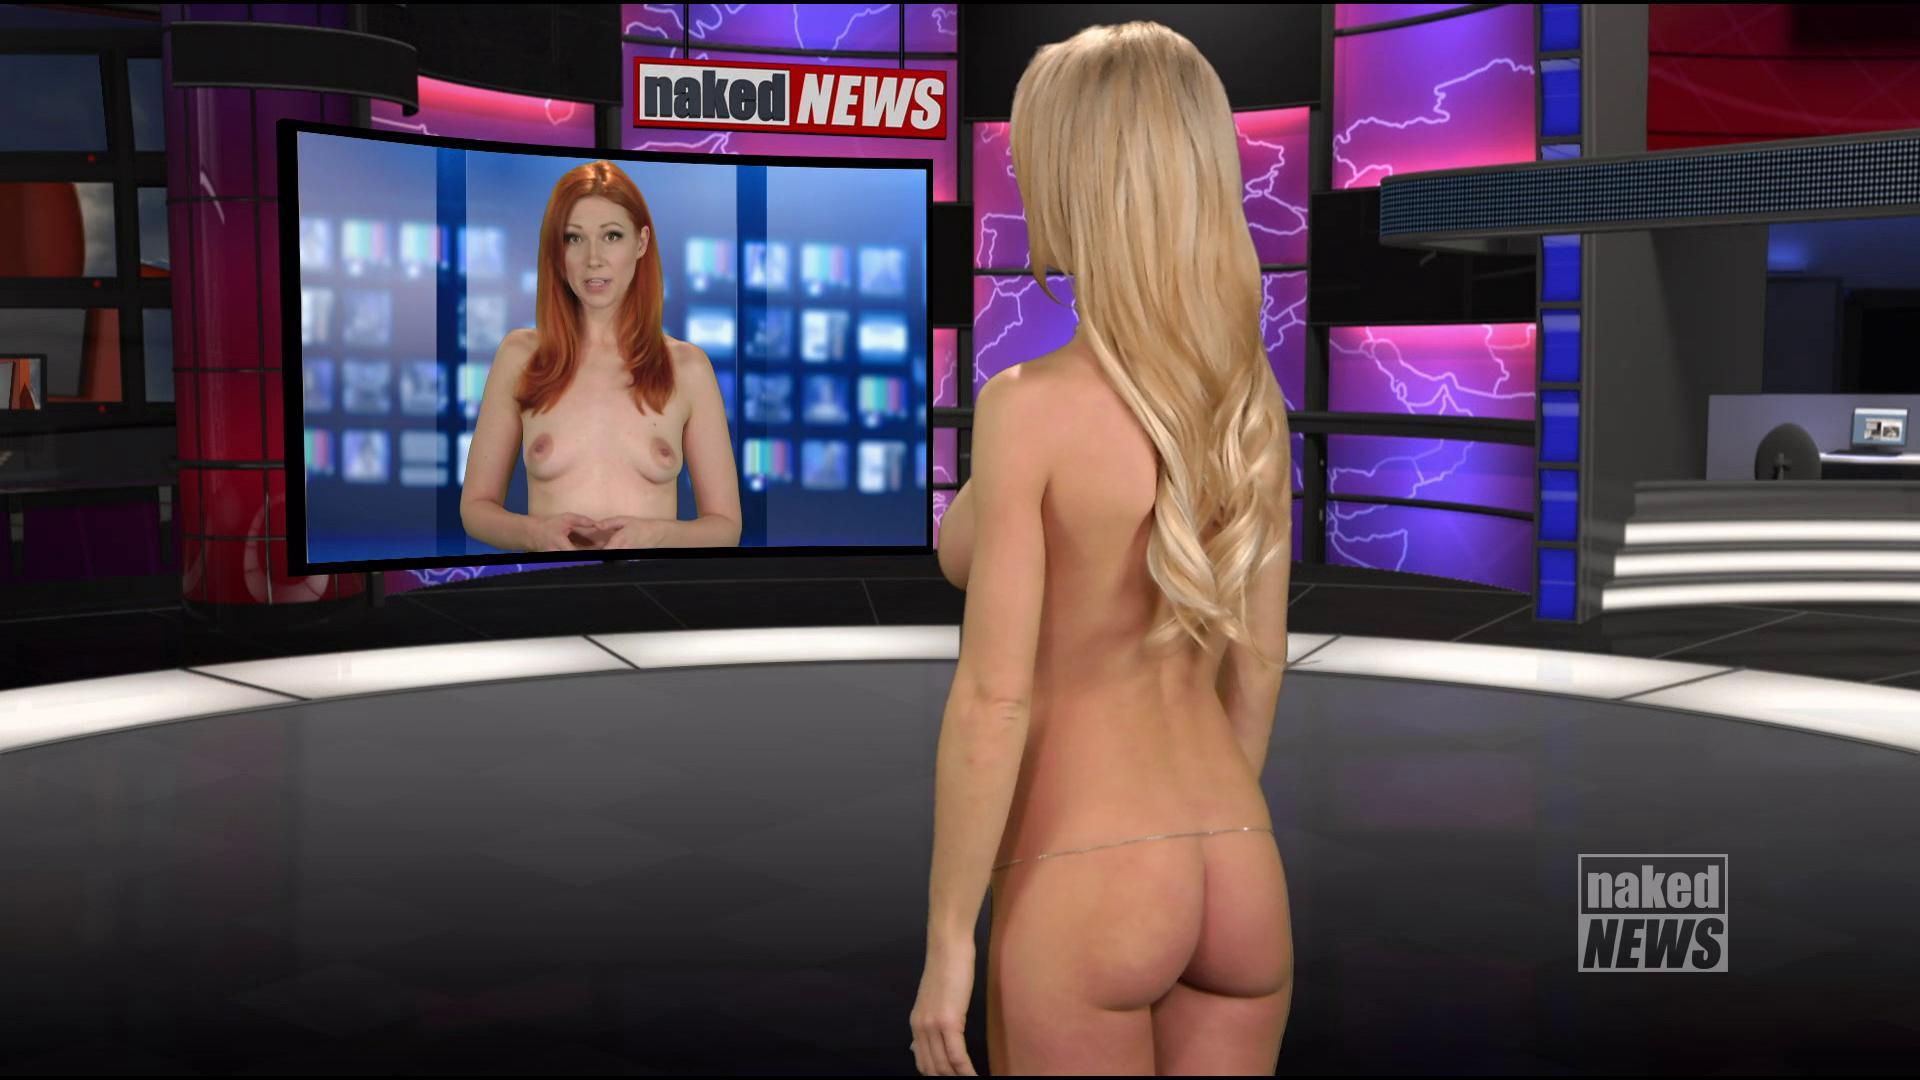 Naked news whitney nude, gif nude gym